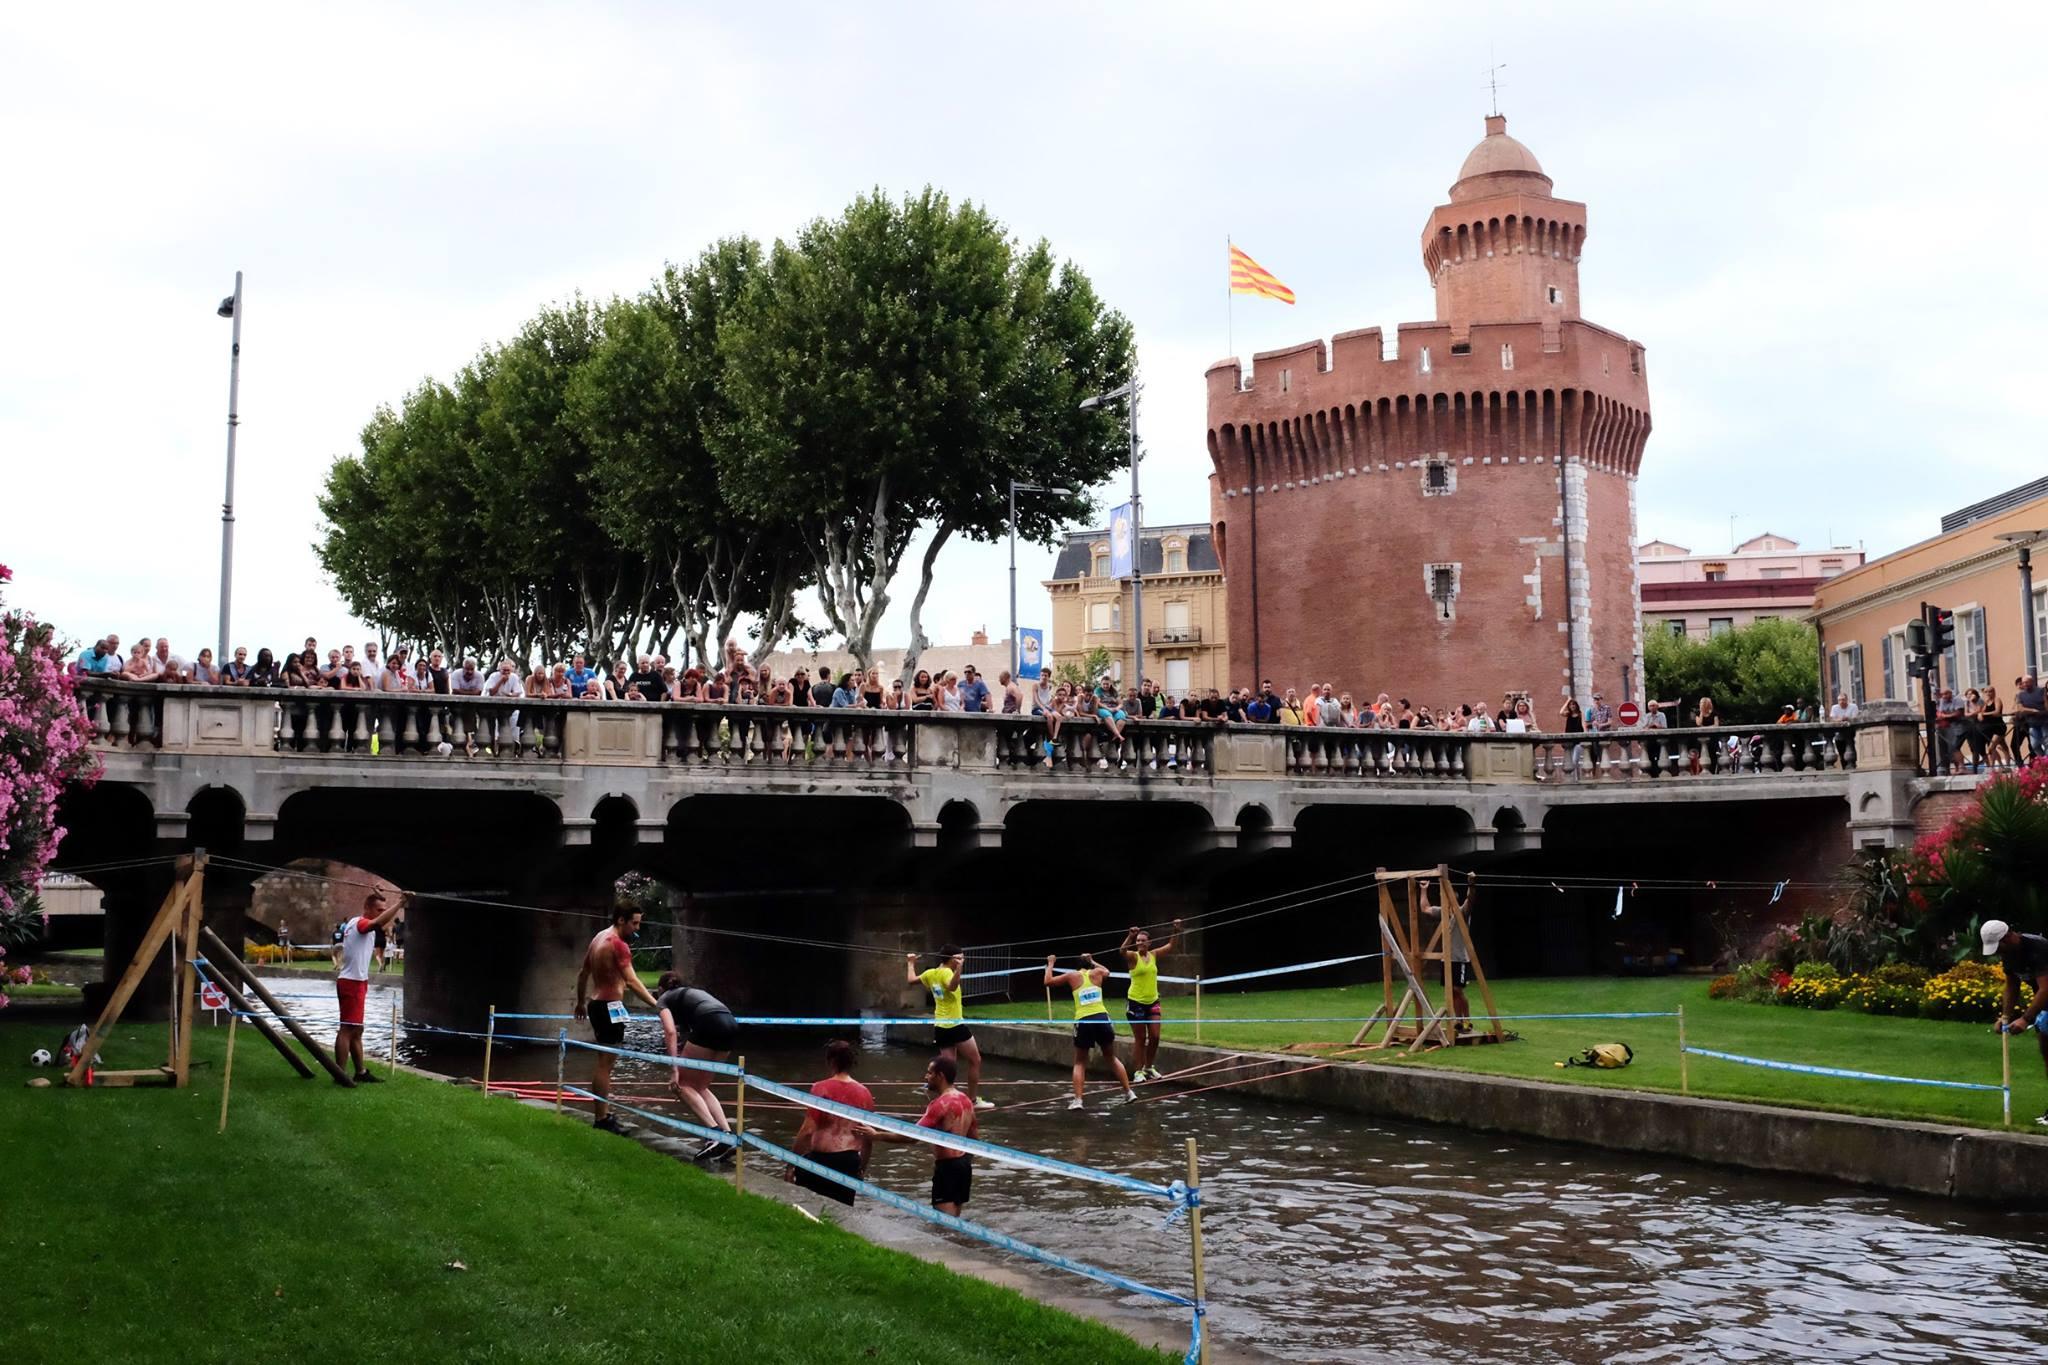 La ville de perpignan s amuse avec les ru es des bojos for La cir perpignan